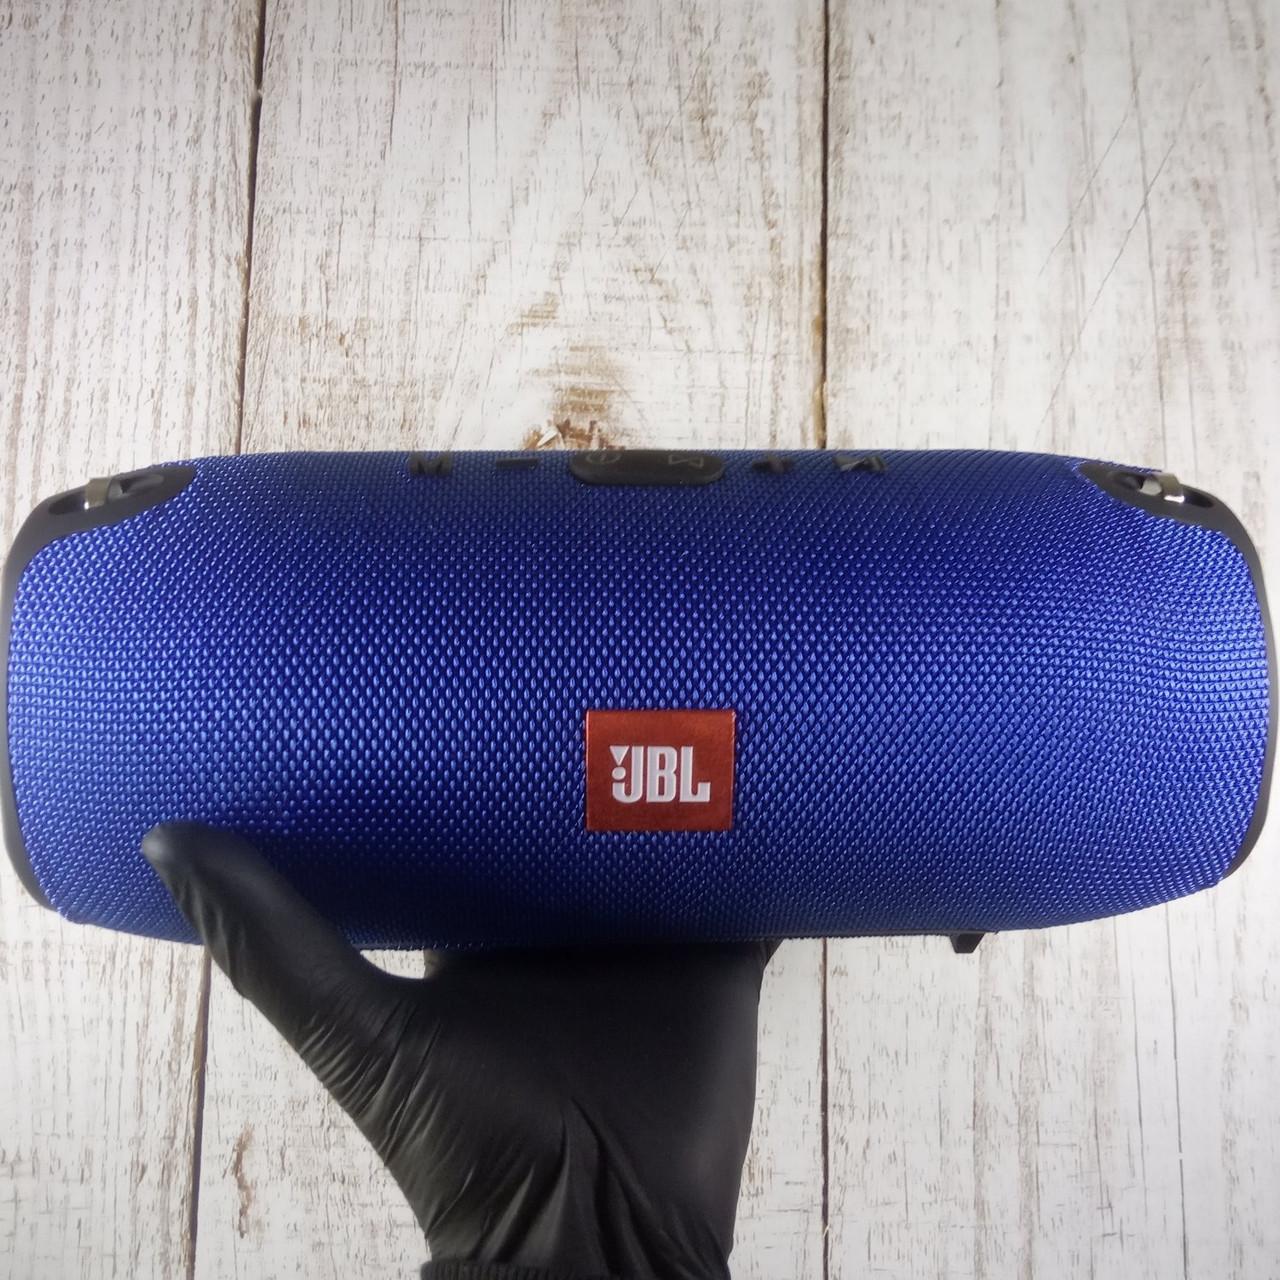 Портативная Bluetooth колонка в стиле JBL Xtreme Big Blue - Синяя (Реальные фото)